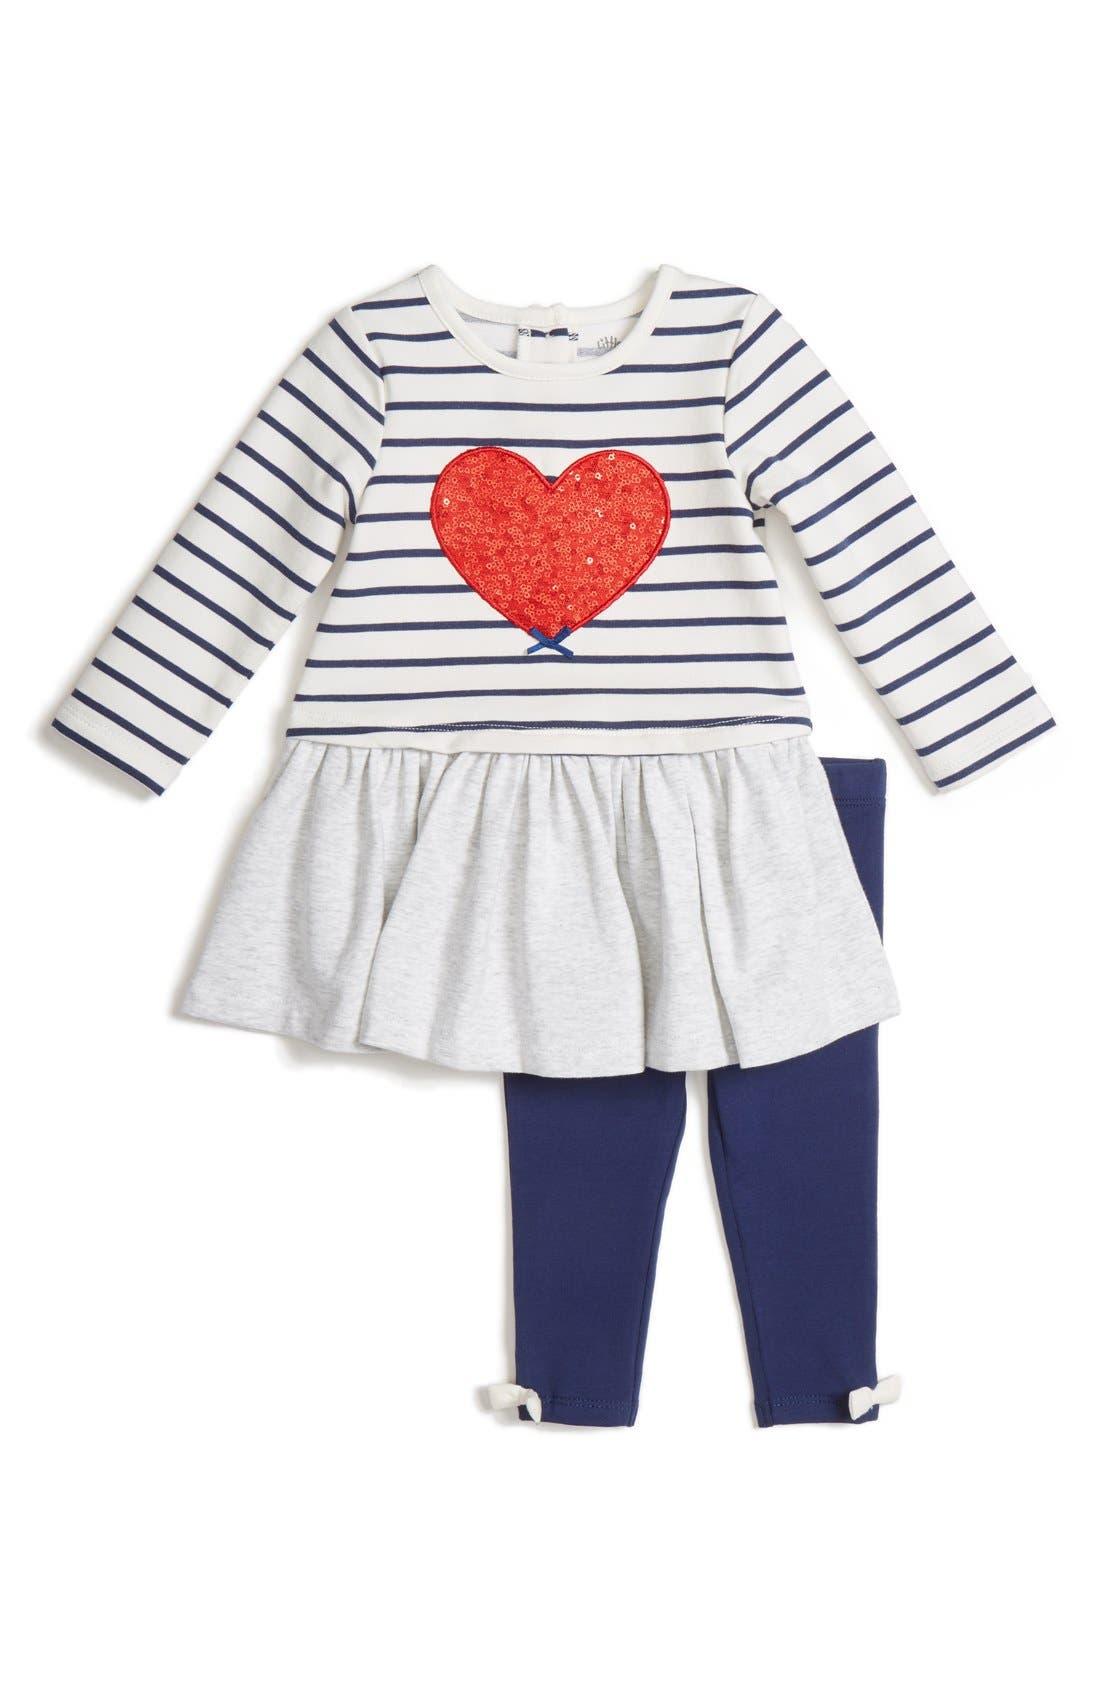 Alternate Image 1 Selected - Little Me 'Heart' Dress & Leggings Set (Baby Girls)